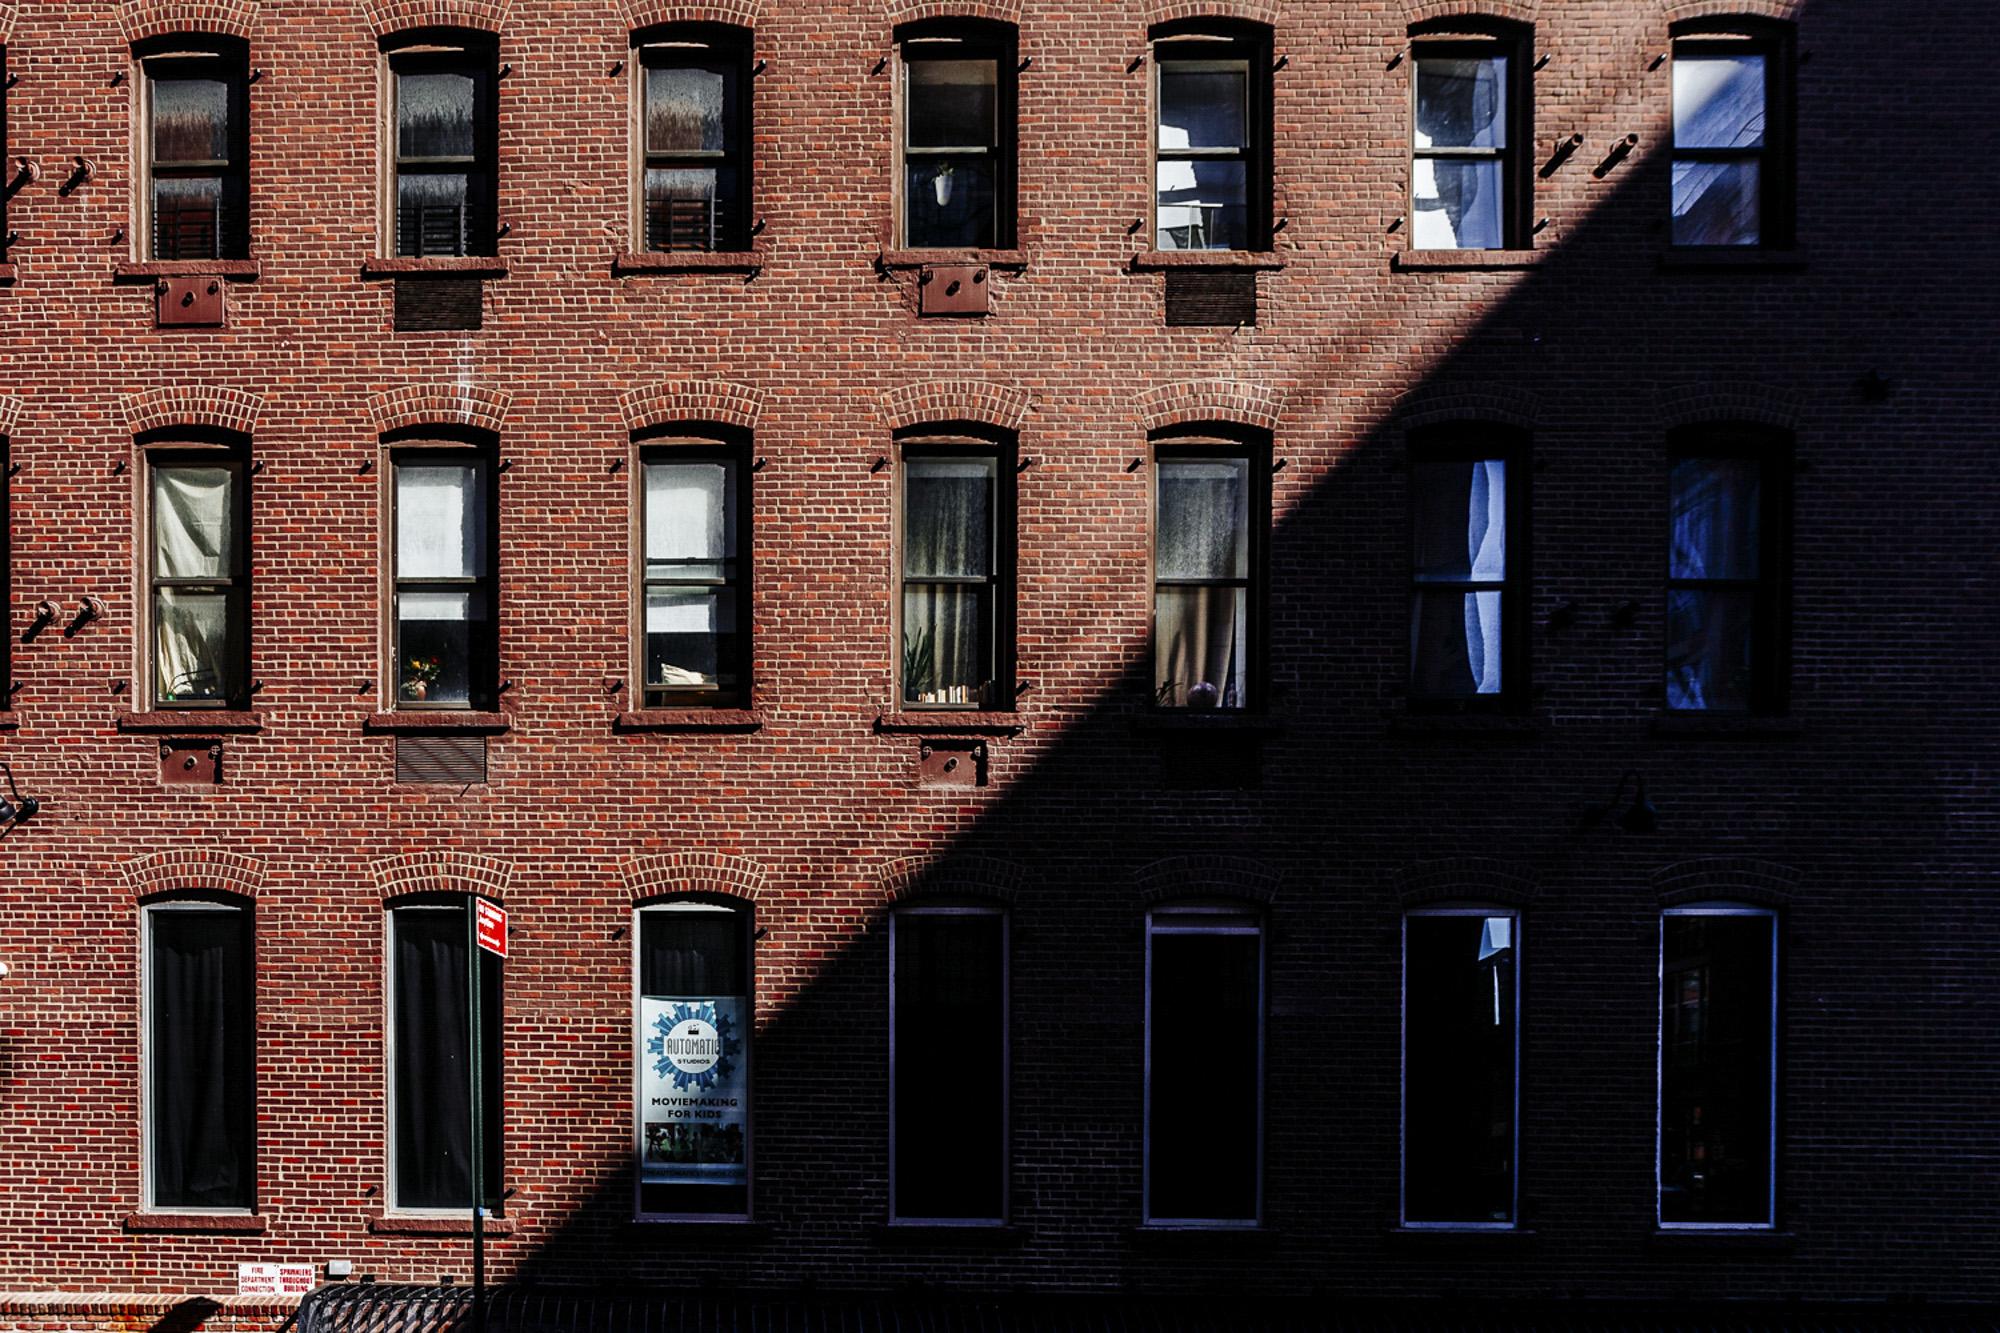 kyrani-kanavaros-new-york-photography-10.jpg